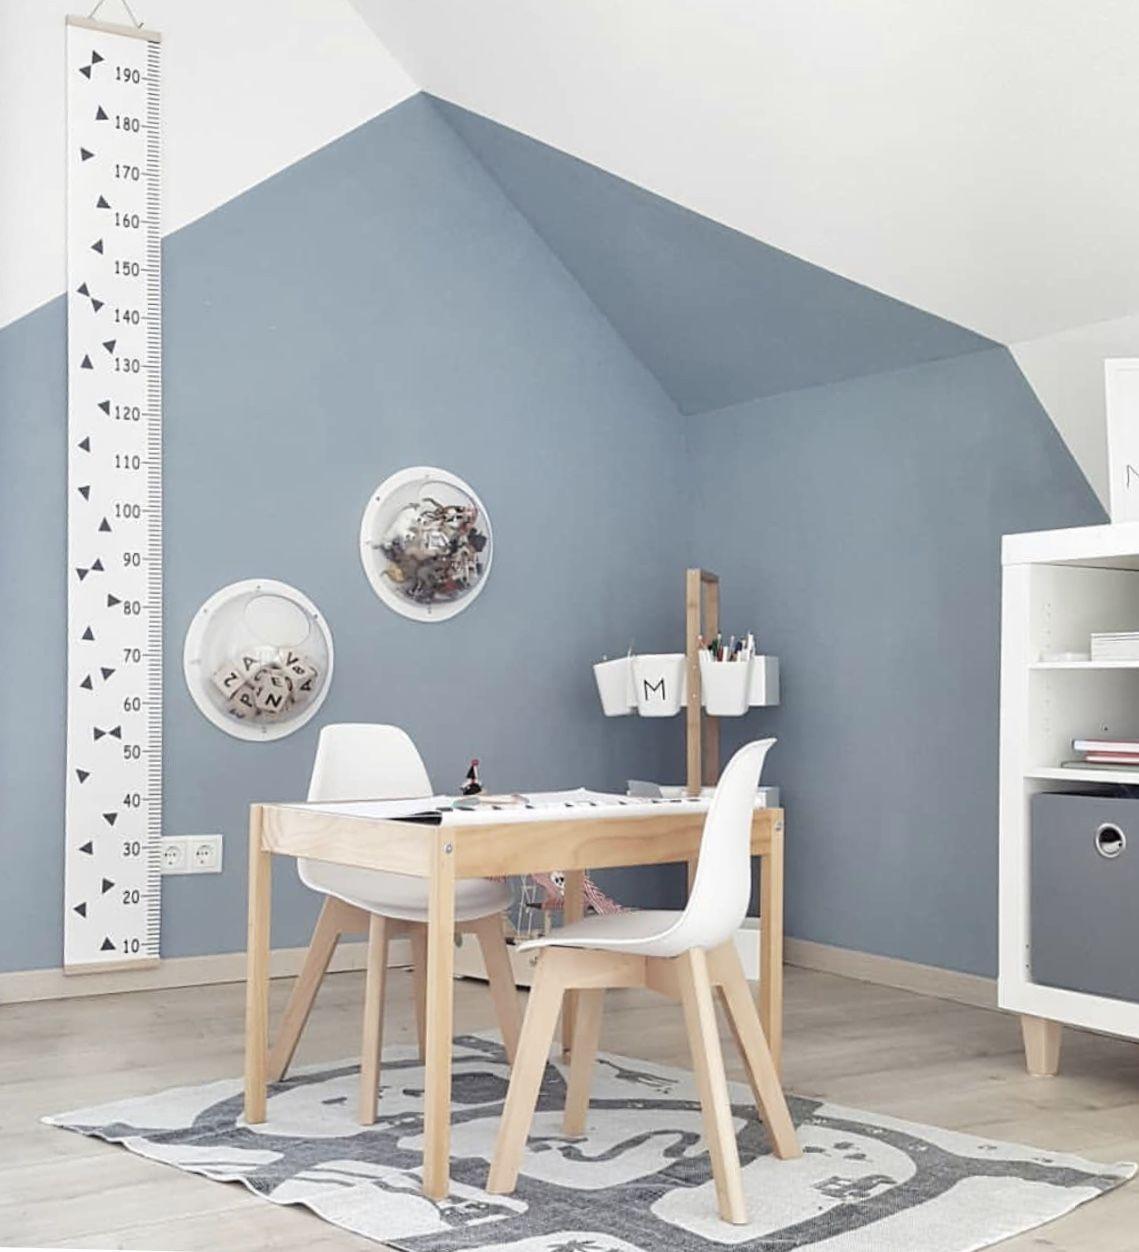 Full Size of Pin Von Nina Geiger Auf Kinderzimmer In 2020 Babyzimmer Sofa Regal Regale Weiß Wohnzimmer Wandgestaltung Kinderzimmer Jungen